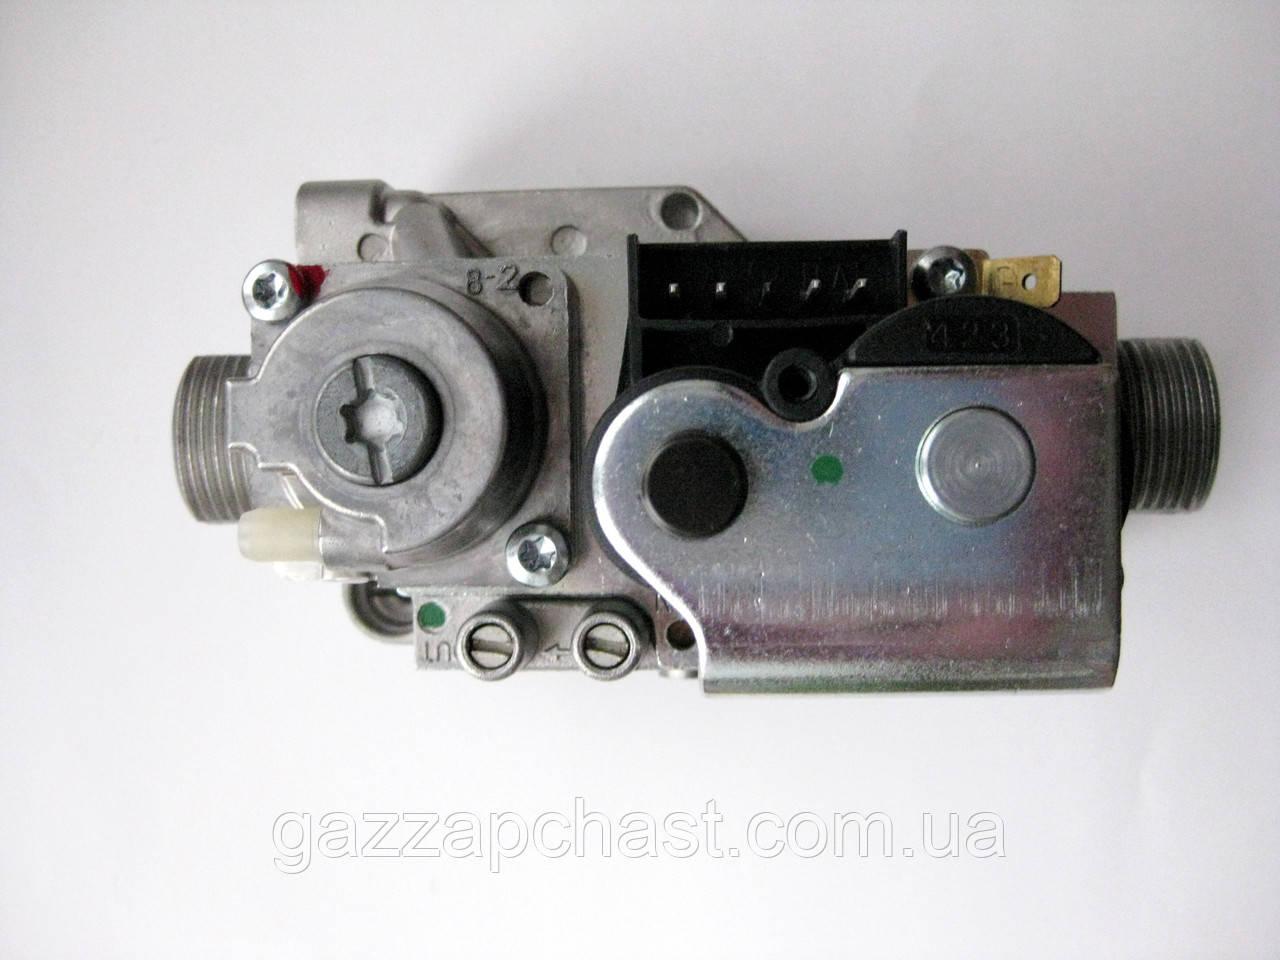 Газовый клапан Honeywell 4105G резьбовой Baxi, Westen, Jynkers (5702340)